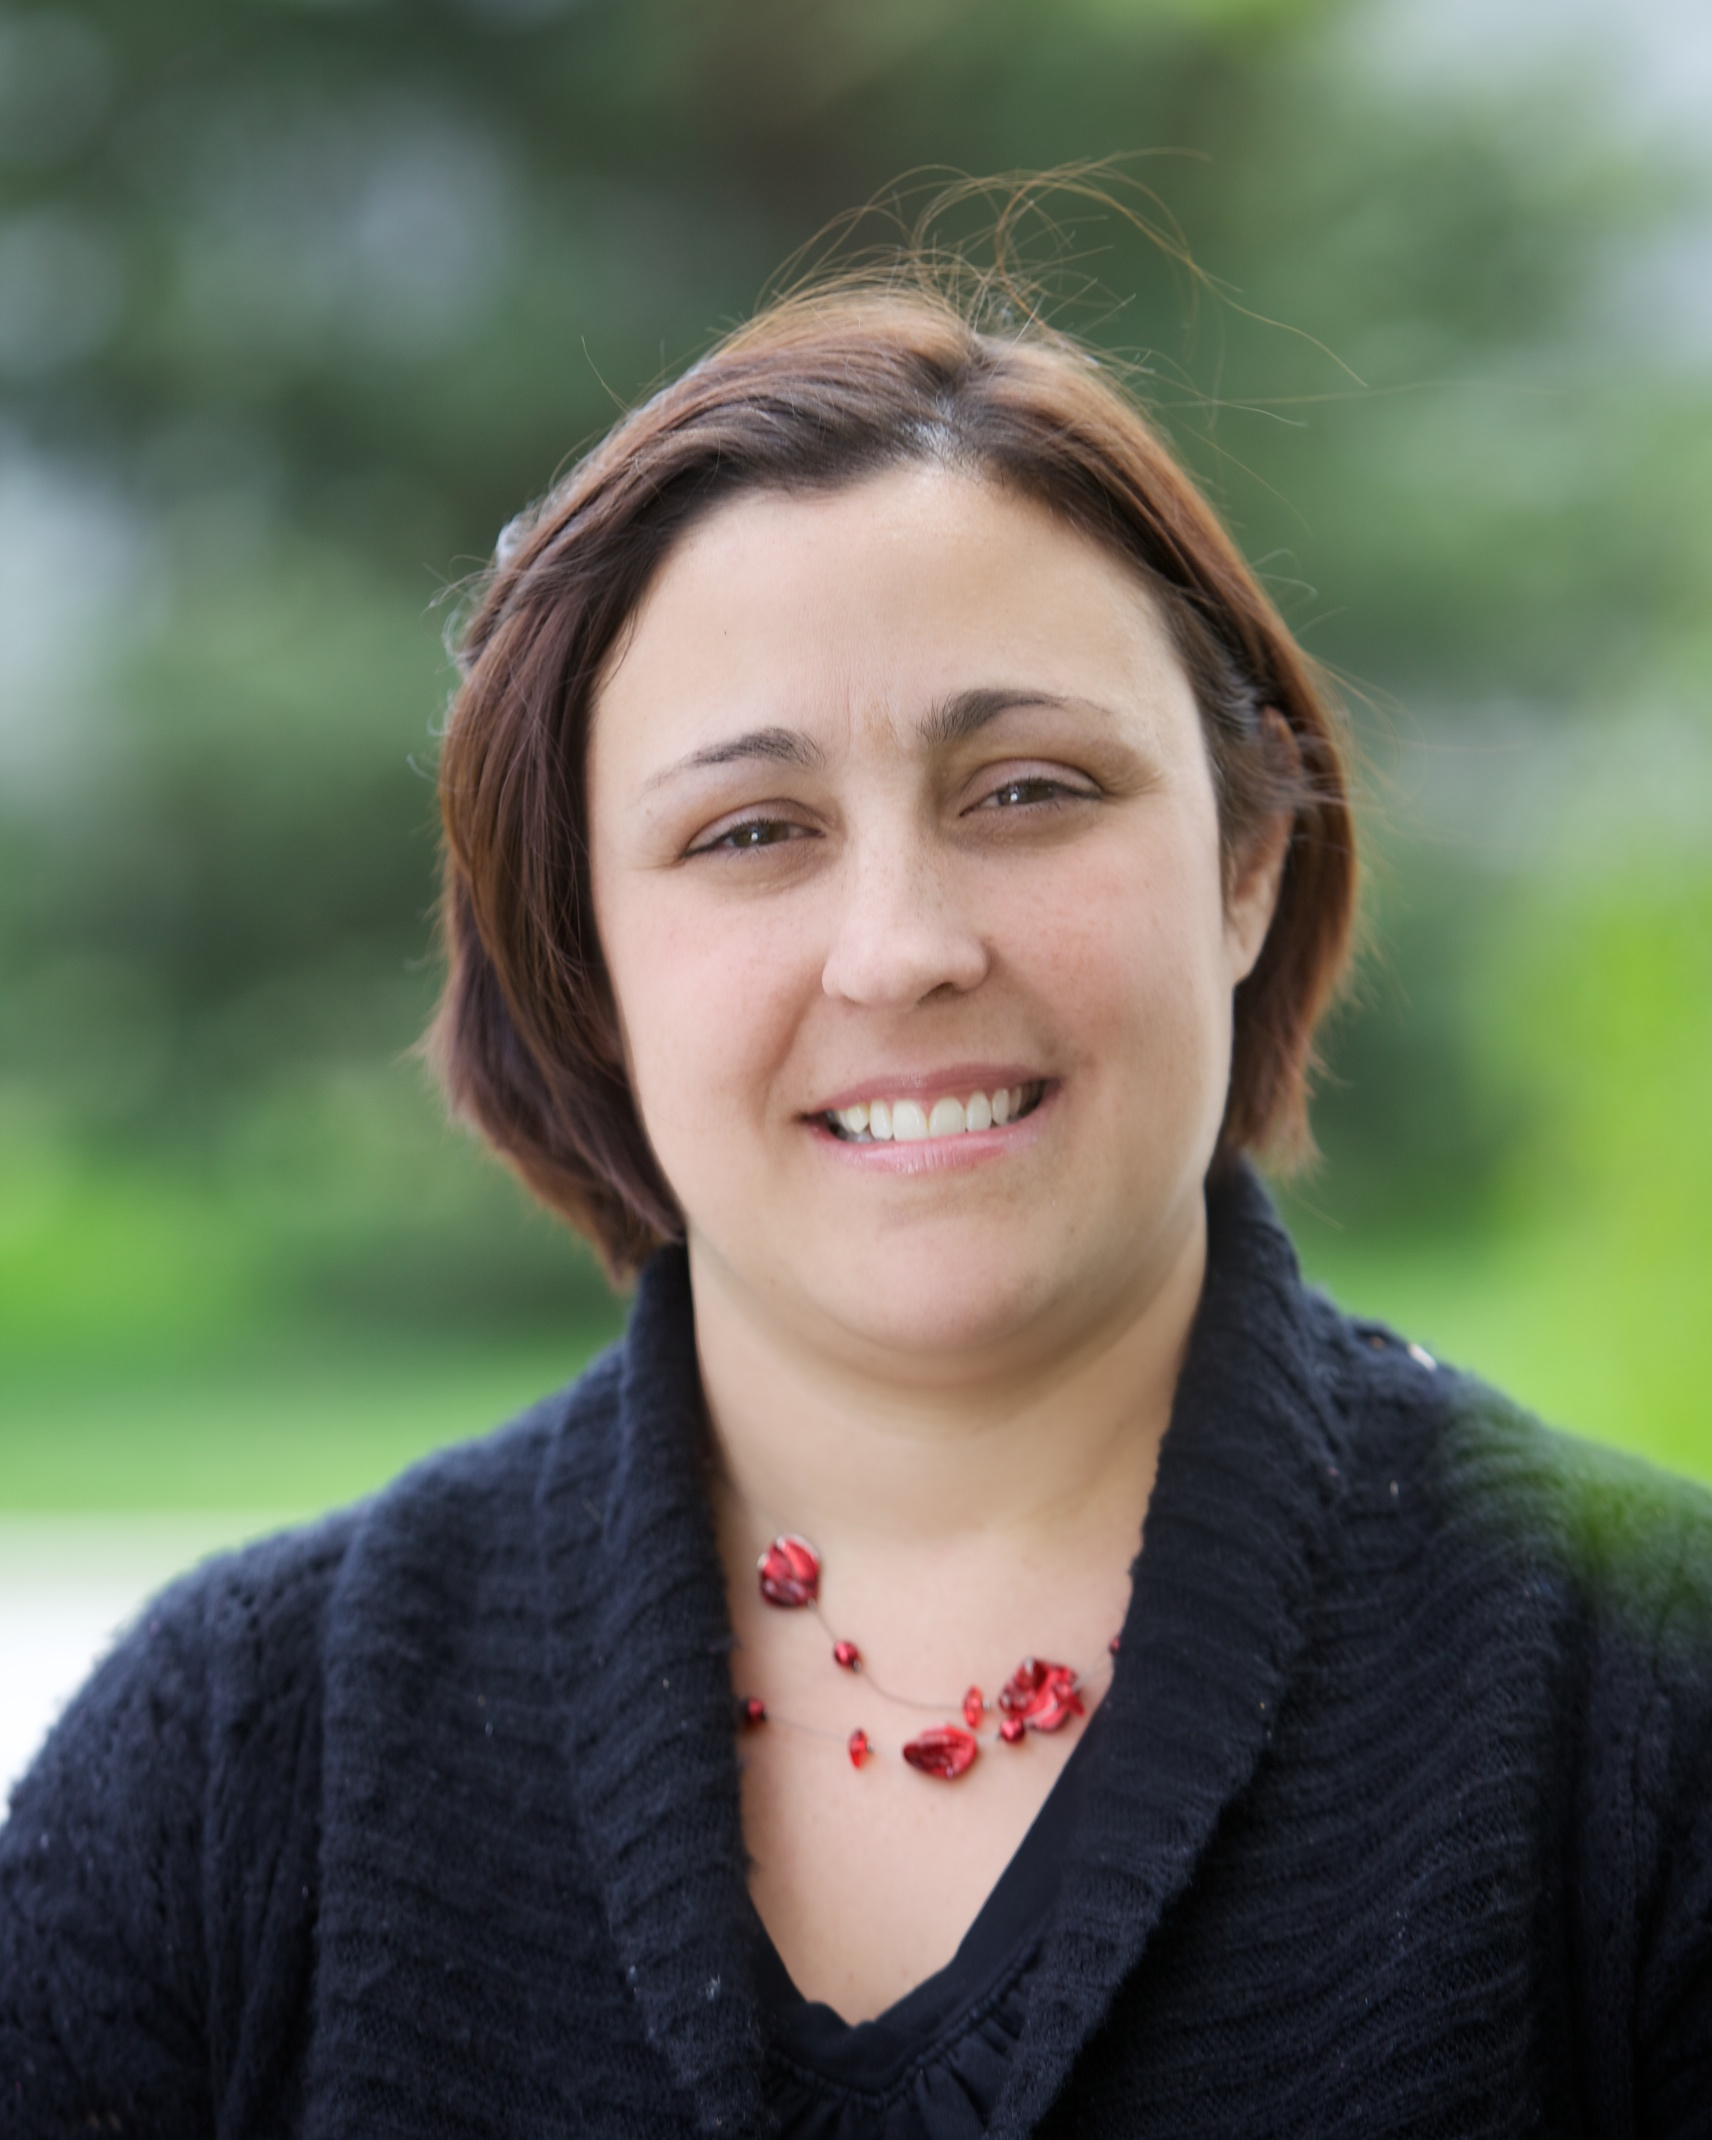 Fiona Dawson Pic